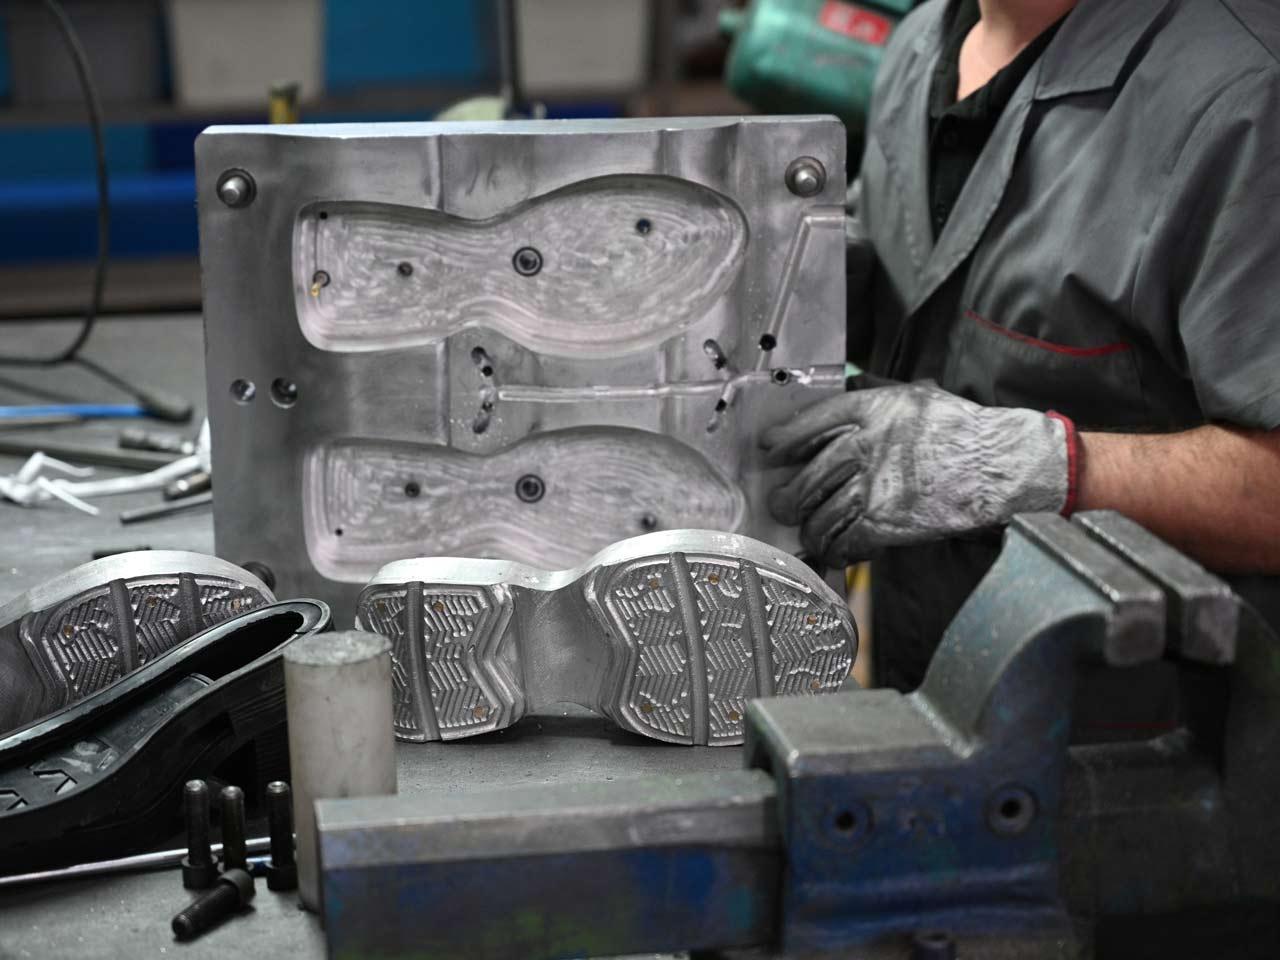 Moule de semelle Bolflex, fabricant de chaussures à Porto